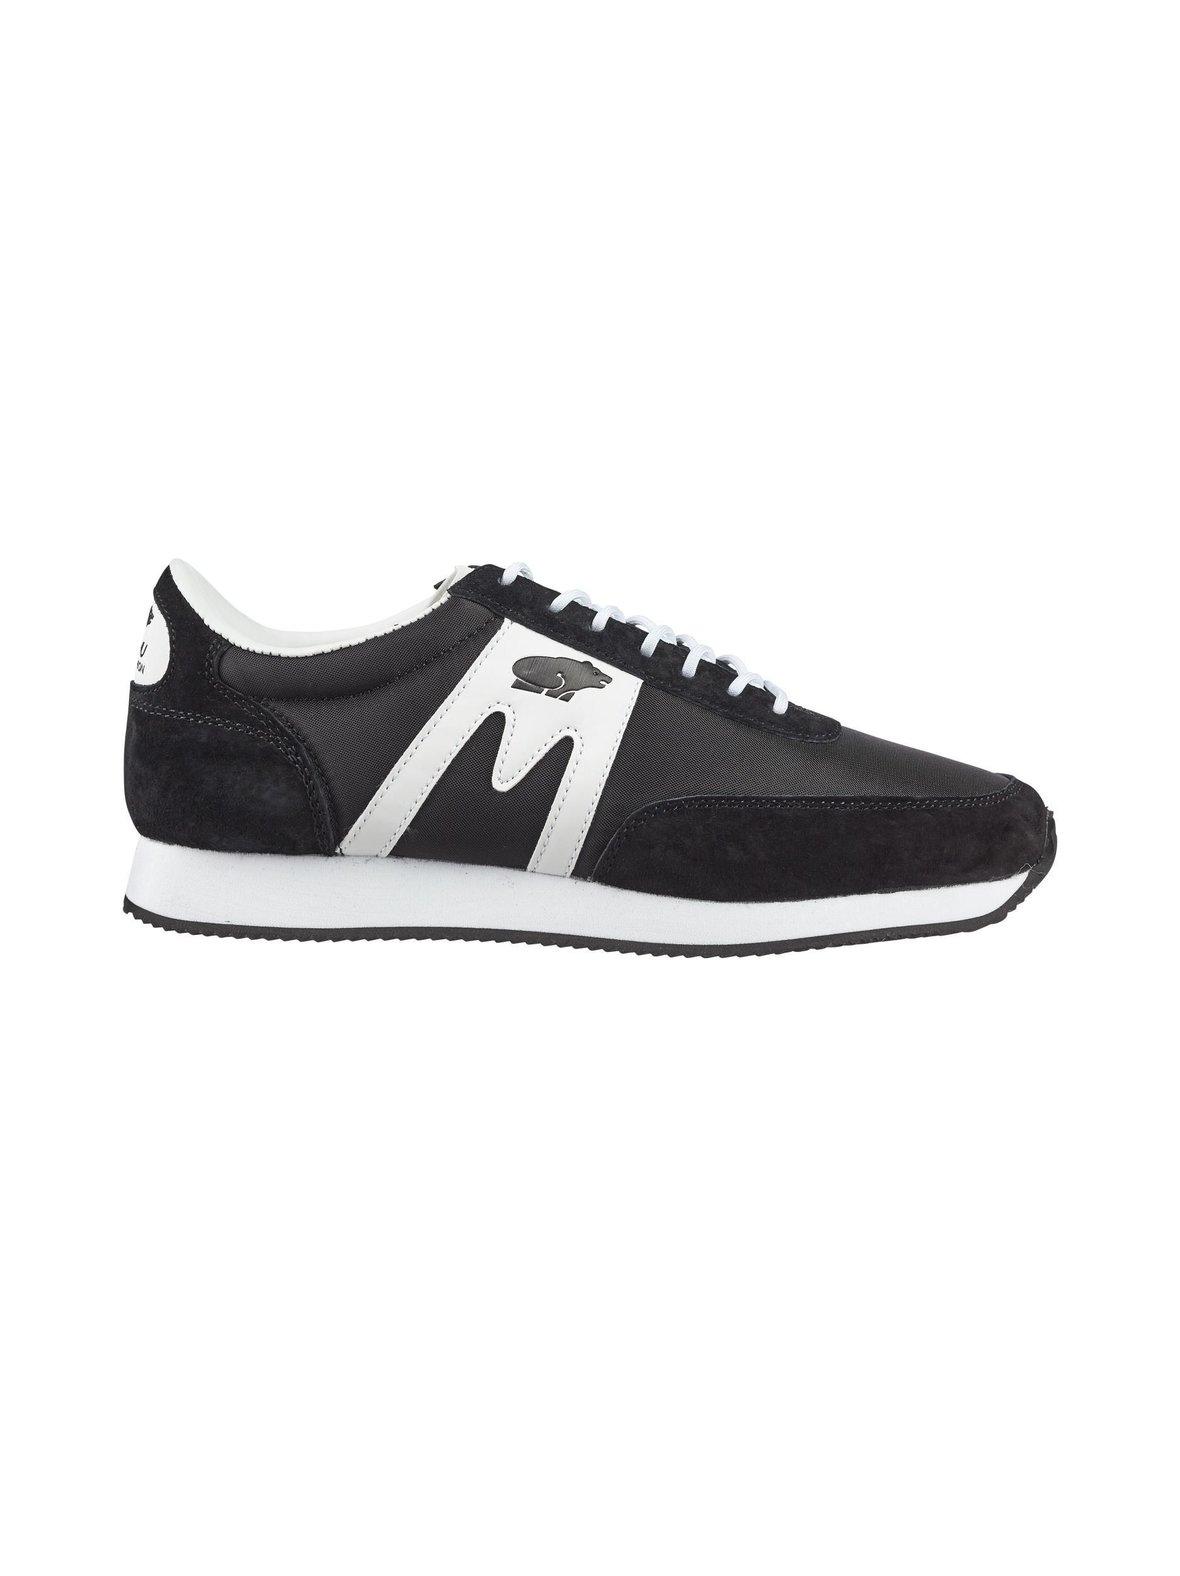 valtuutettu sivusto san francisco Uudet tuotteet U Albatross -kengät